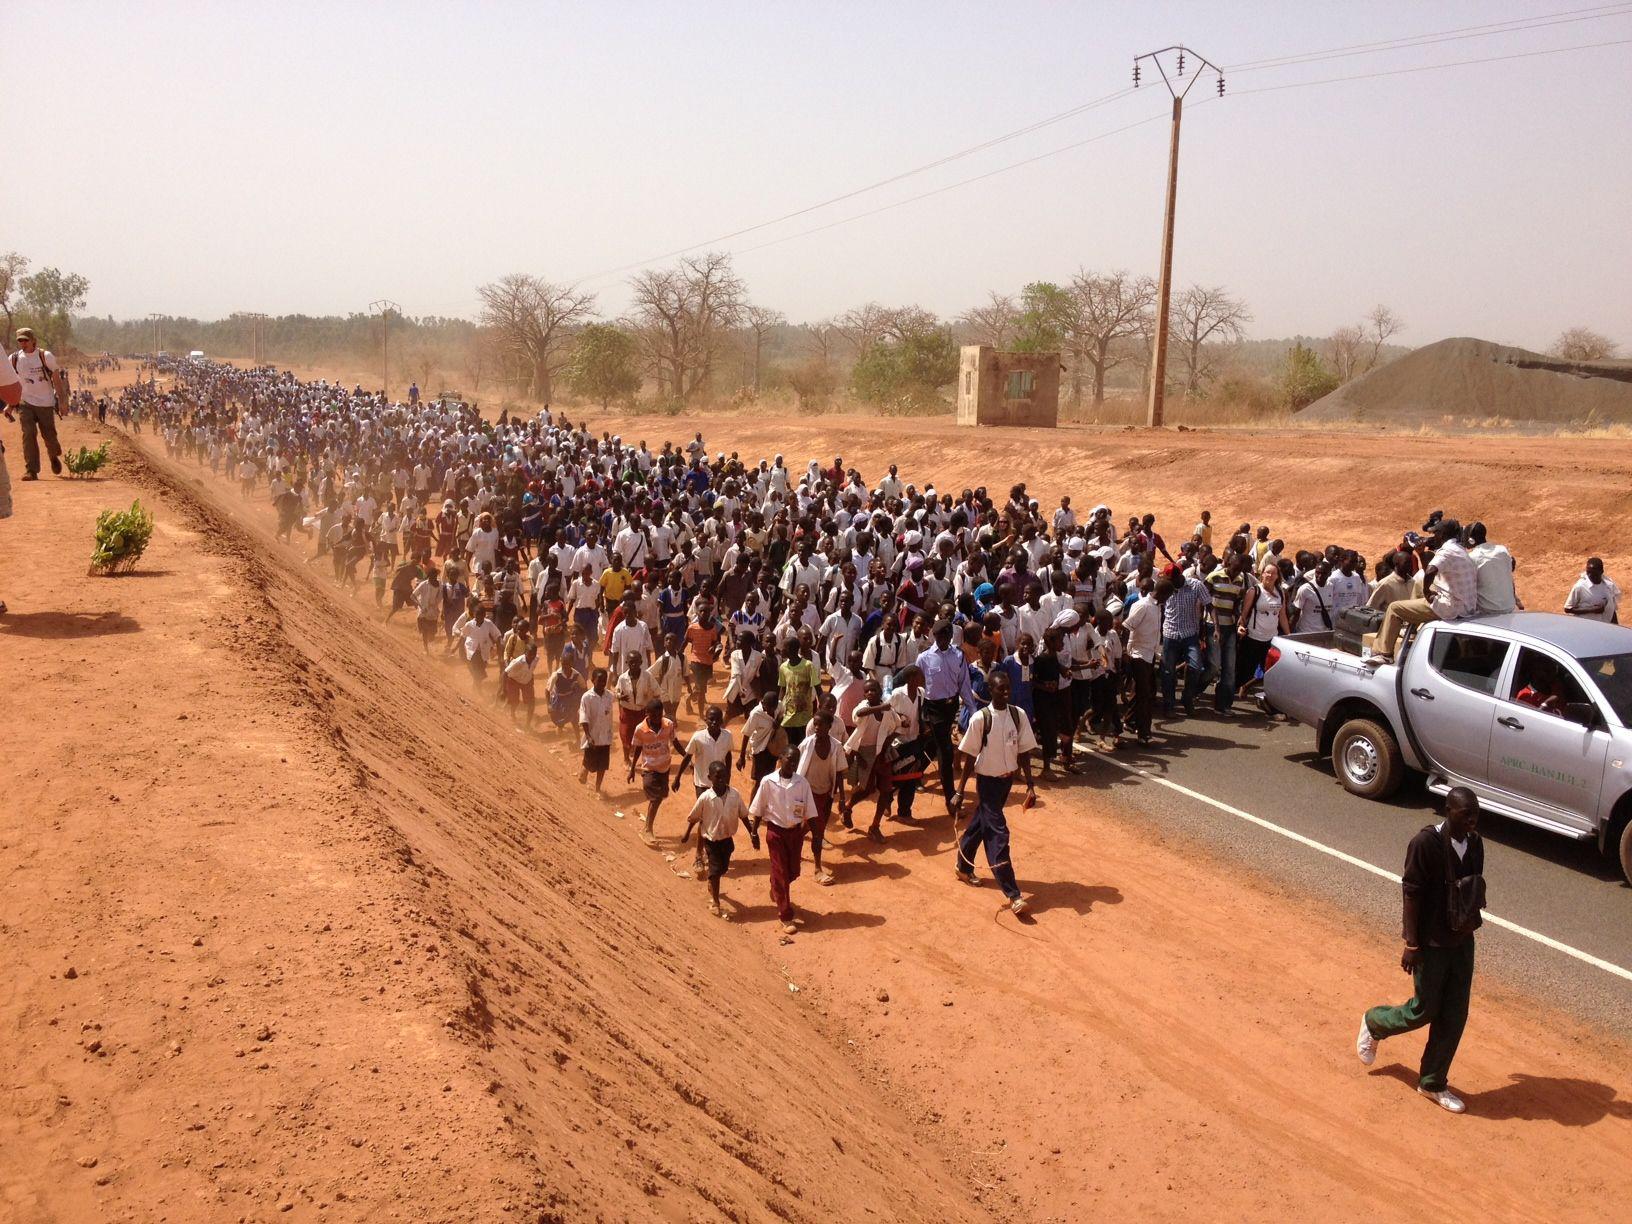 2012-10-29-GambiaThousandswalking.jpg